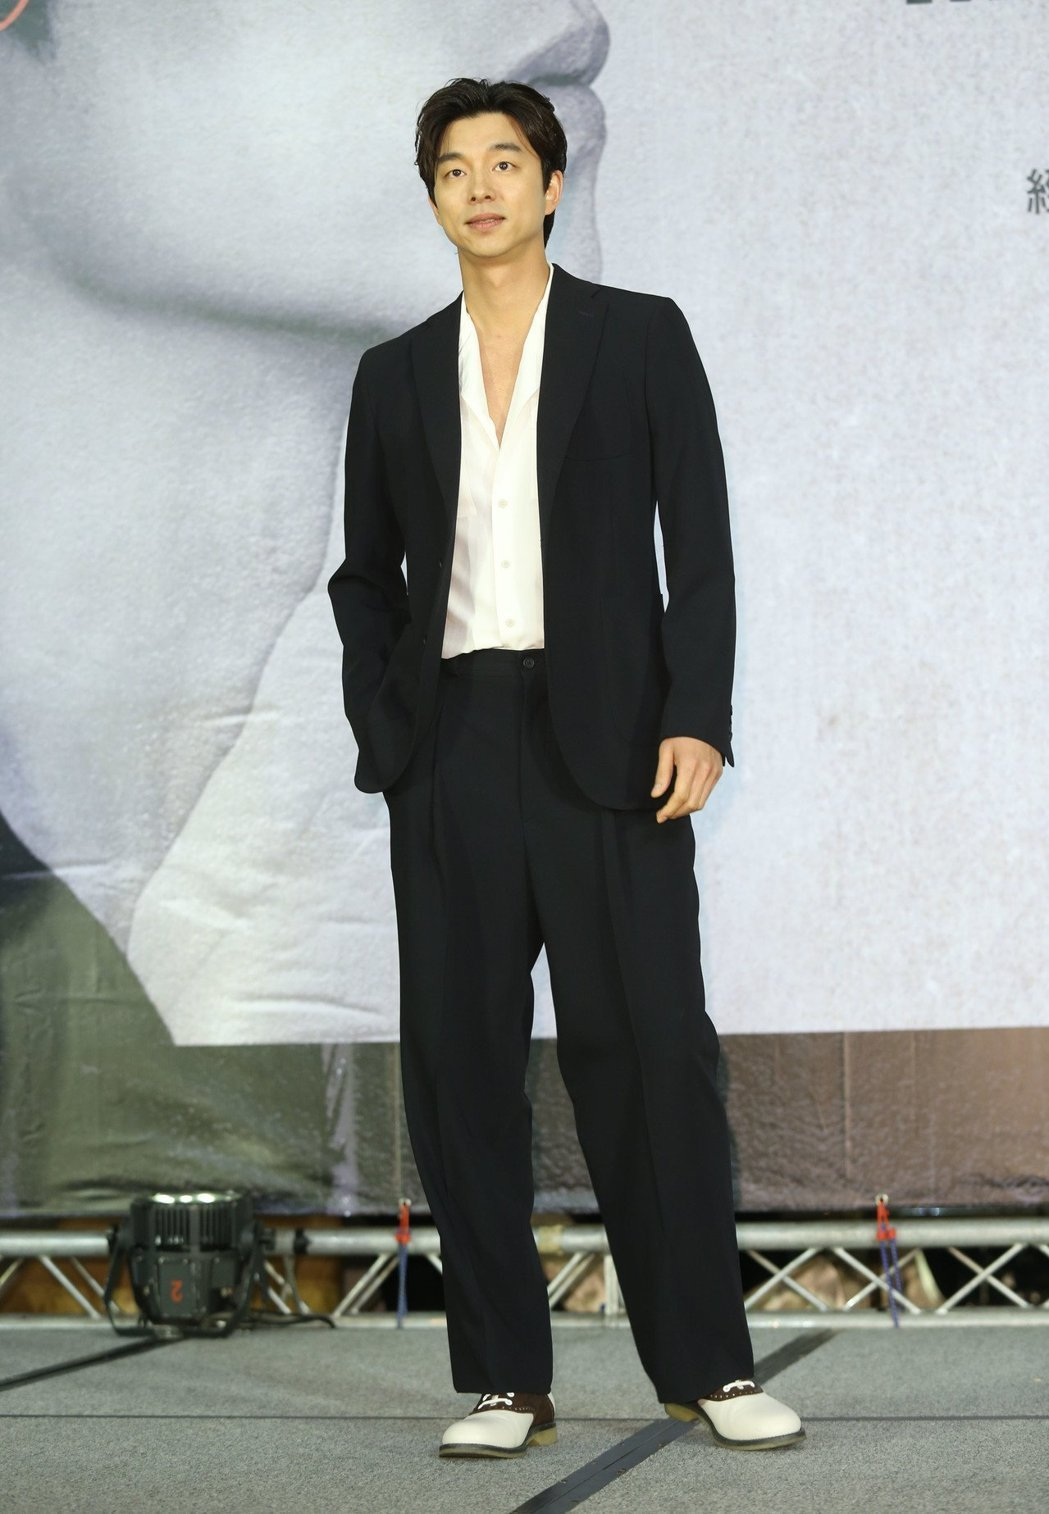 孔劉穿義大利時尚品牌Bottega Veneta春夏男裝,較寬鬆的黑西裝線條搭配...